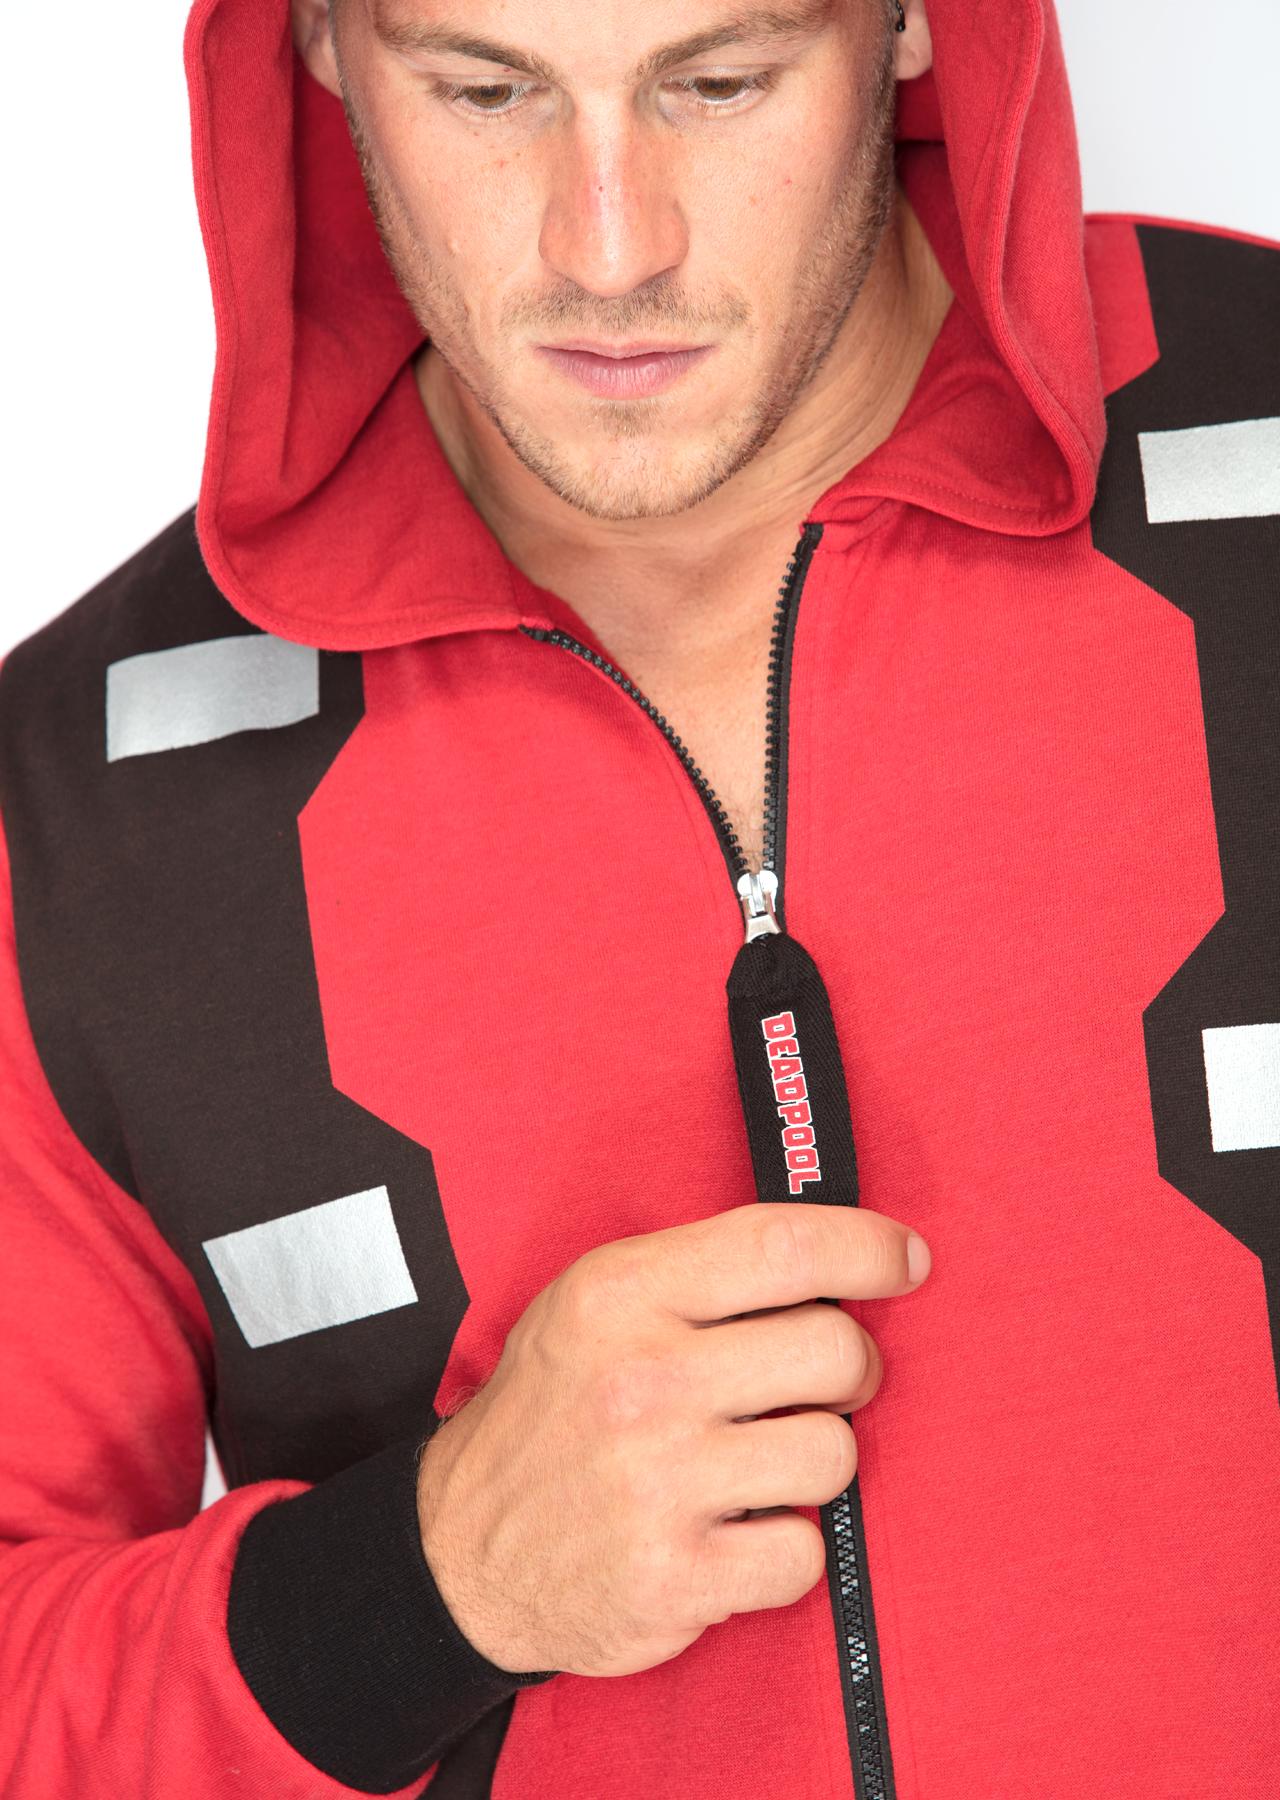 91825 Deadpool Jumpsuit Zoom 91825 Deadpool Jumpsuit Back Web  91825 Deadpool Jumpsuit Back 2 d5efad49f